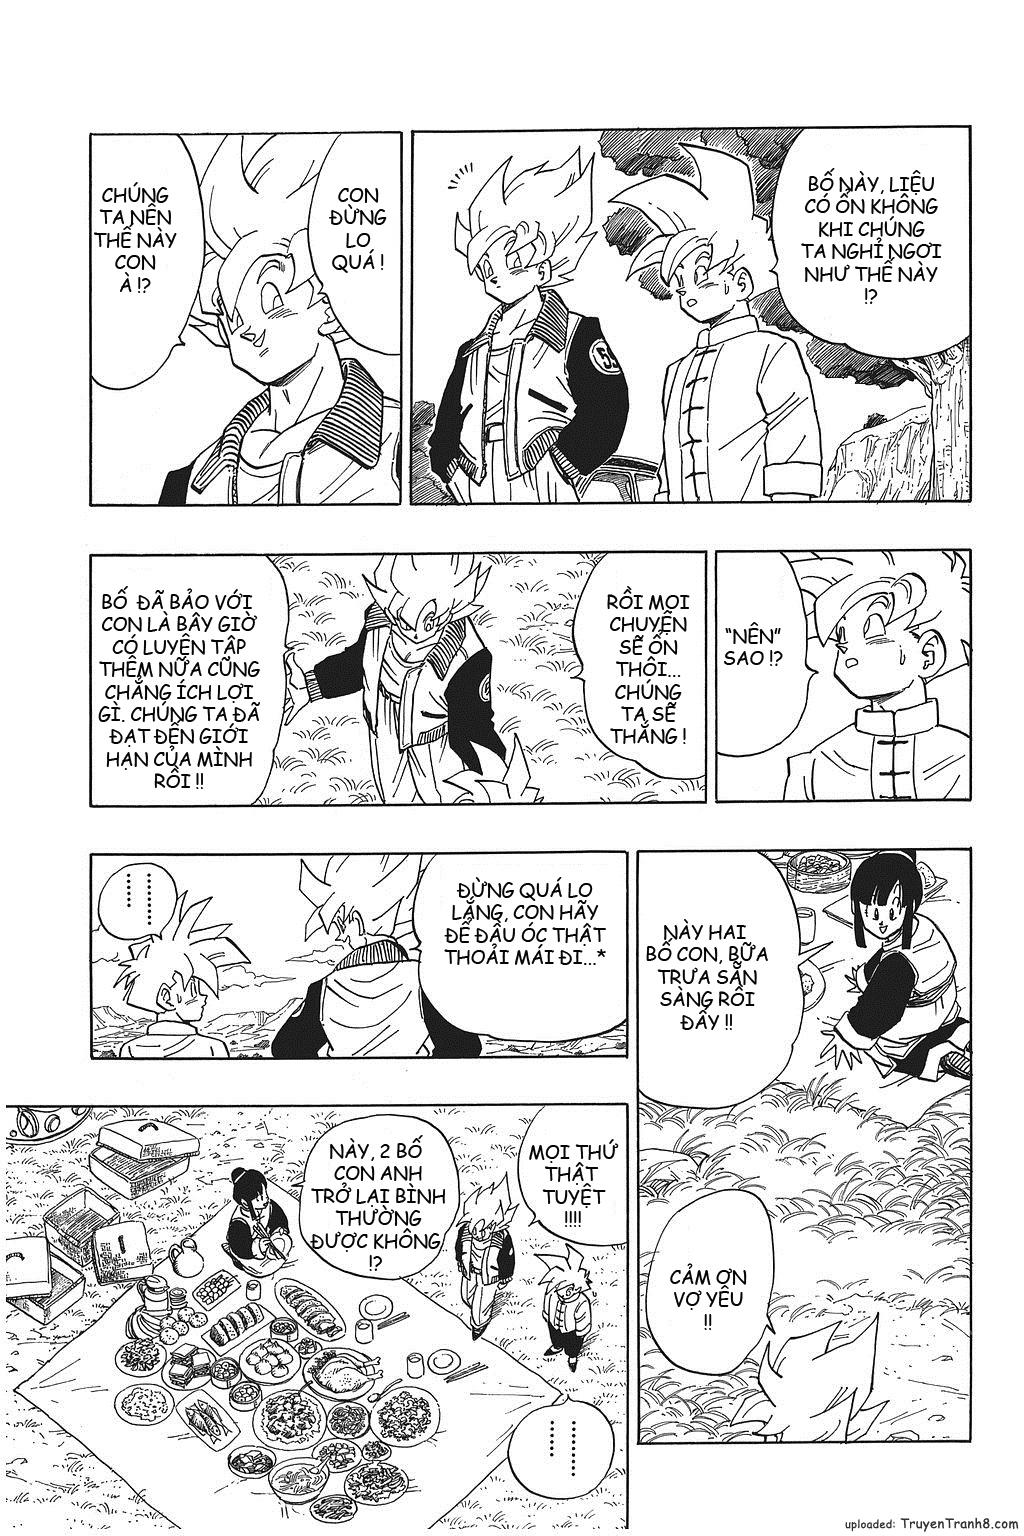 xem truyen moi - Dragon Ball Bản Vip - Bản Đẹp Nguyên Gốc Chap 392